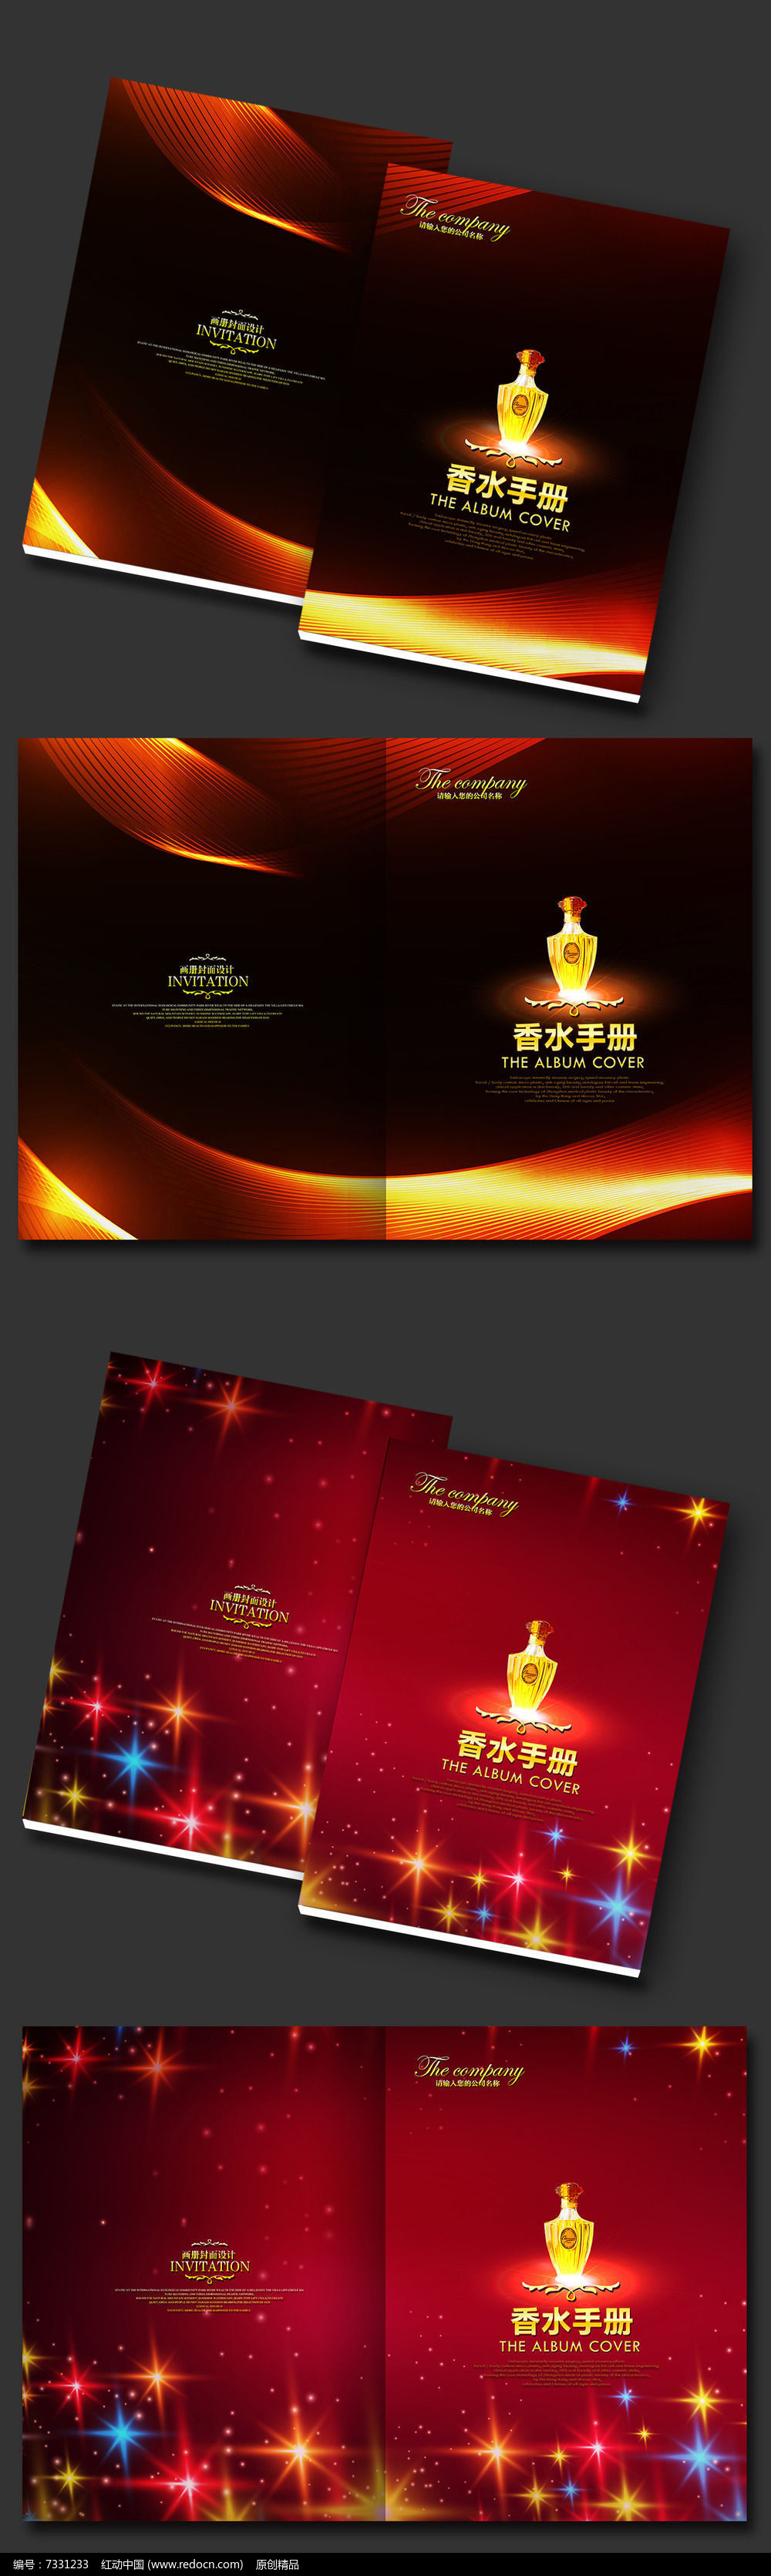 黄金珠宝画册封面设计模板